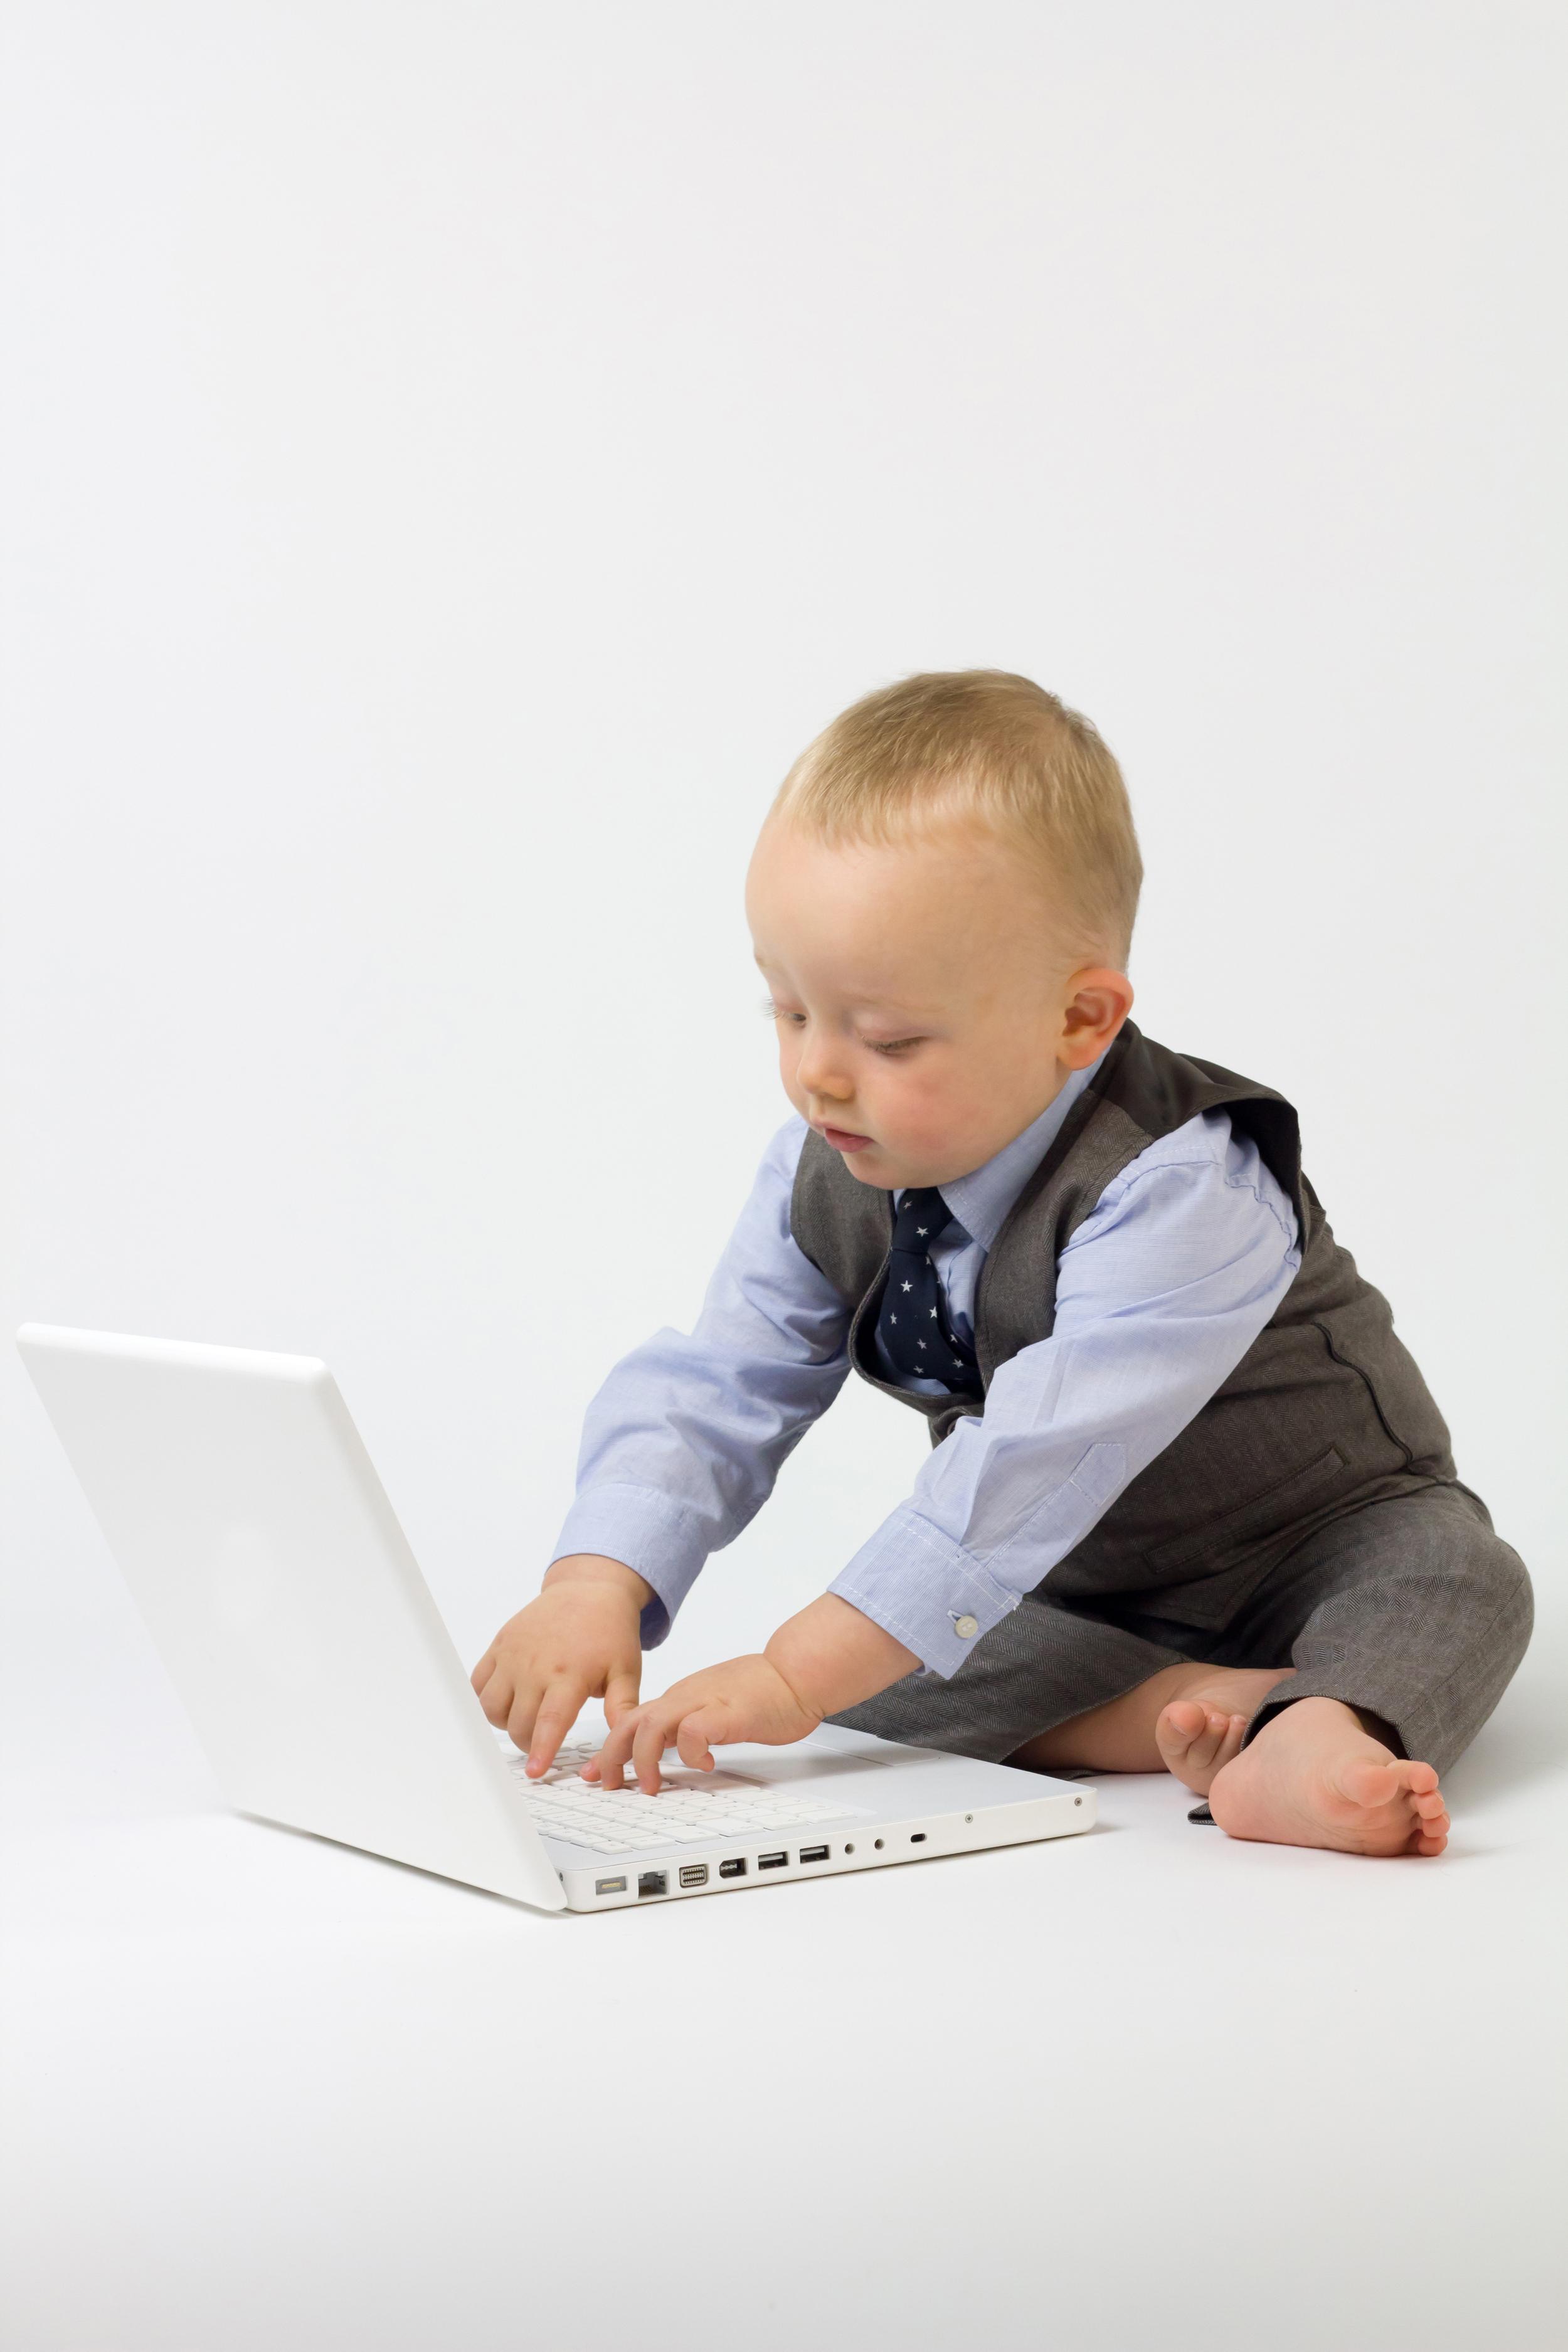 フリー画像素材] 人物, 子供 – 男の子, PC・パソコン, ビジネスシーン ...